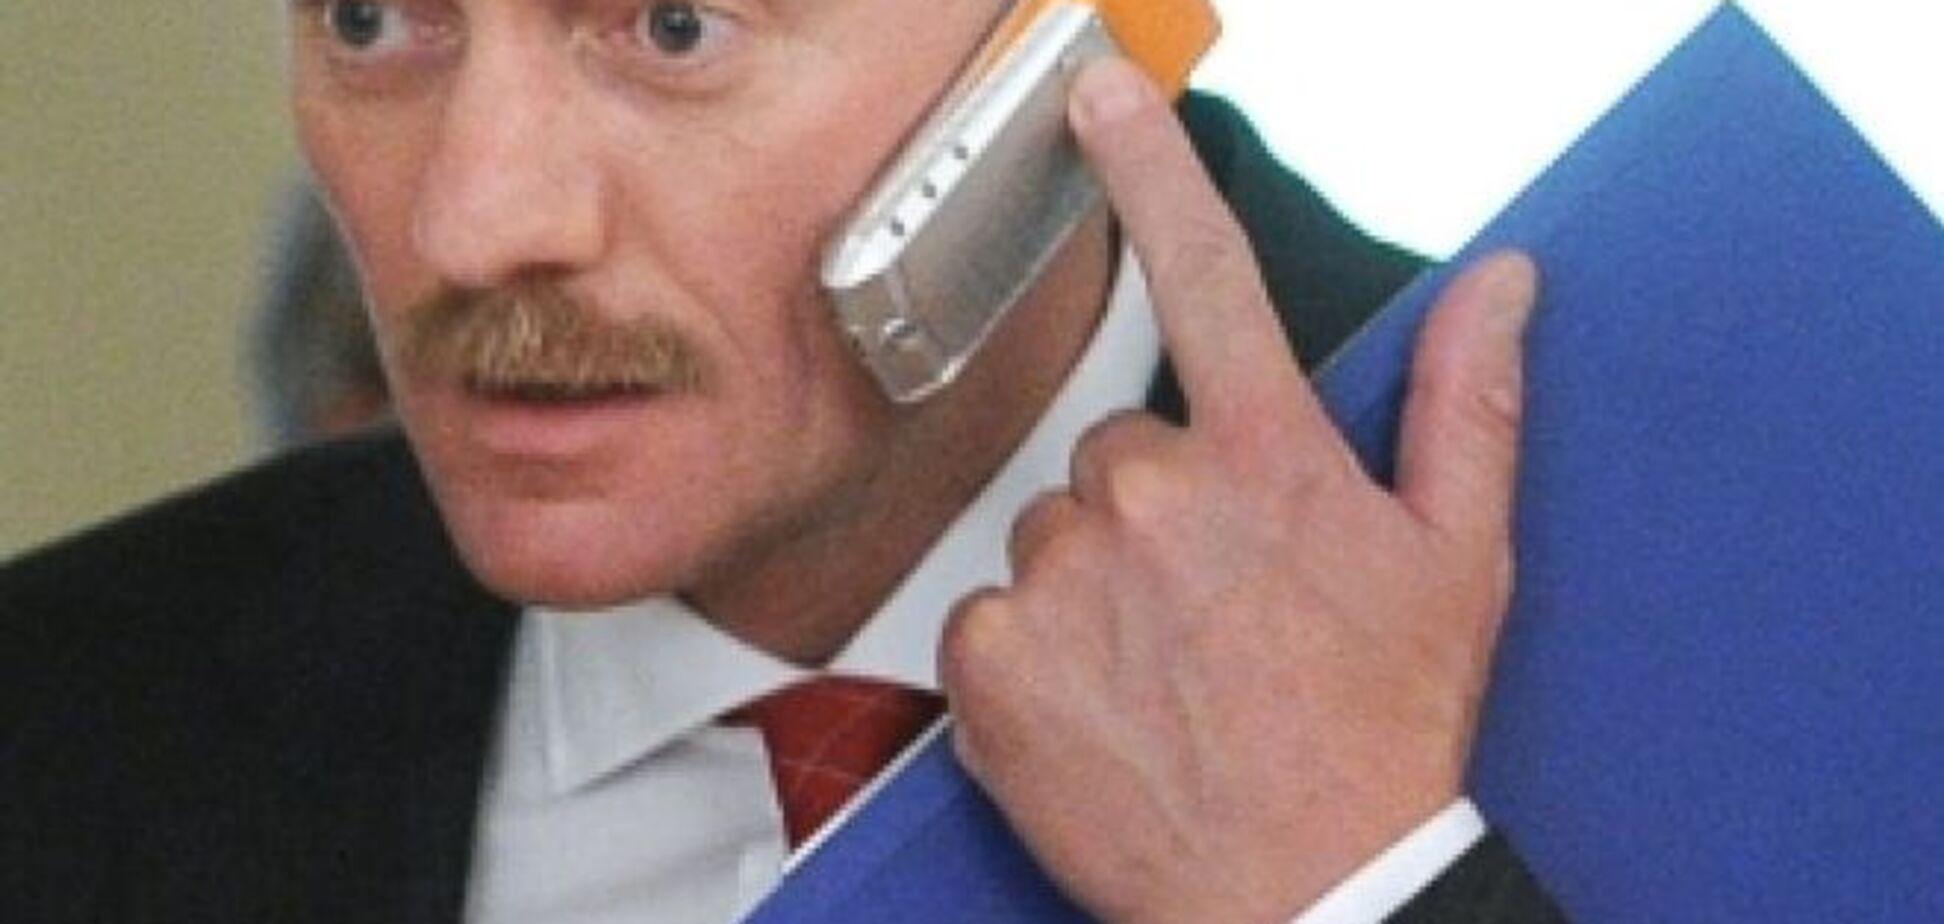 Пєсков виправдався про дорогий 'подарований' годинник: це нікого не хвилює